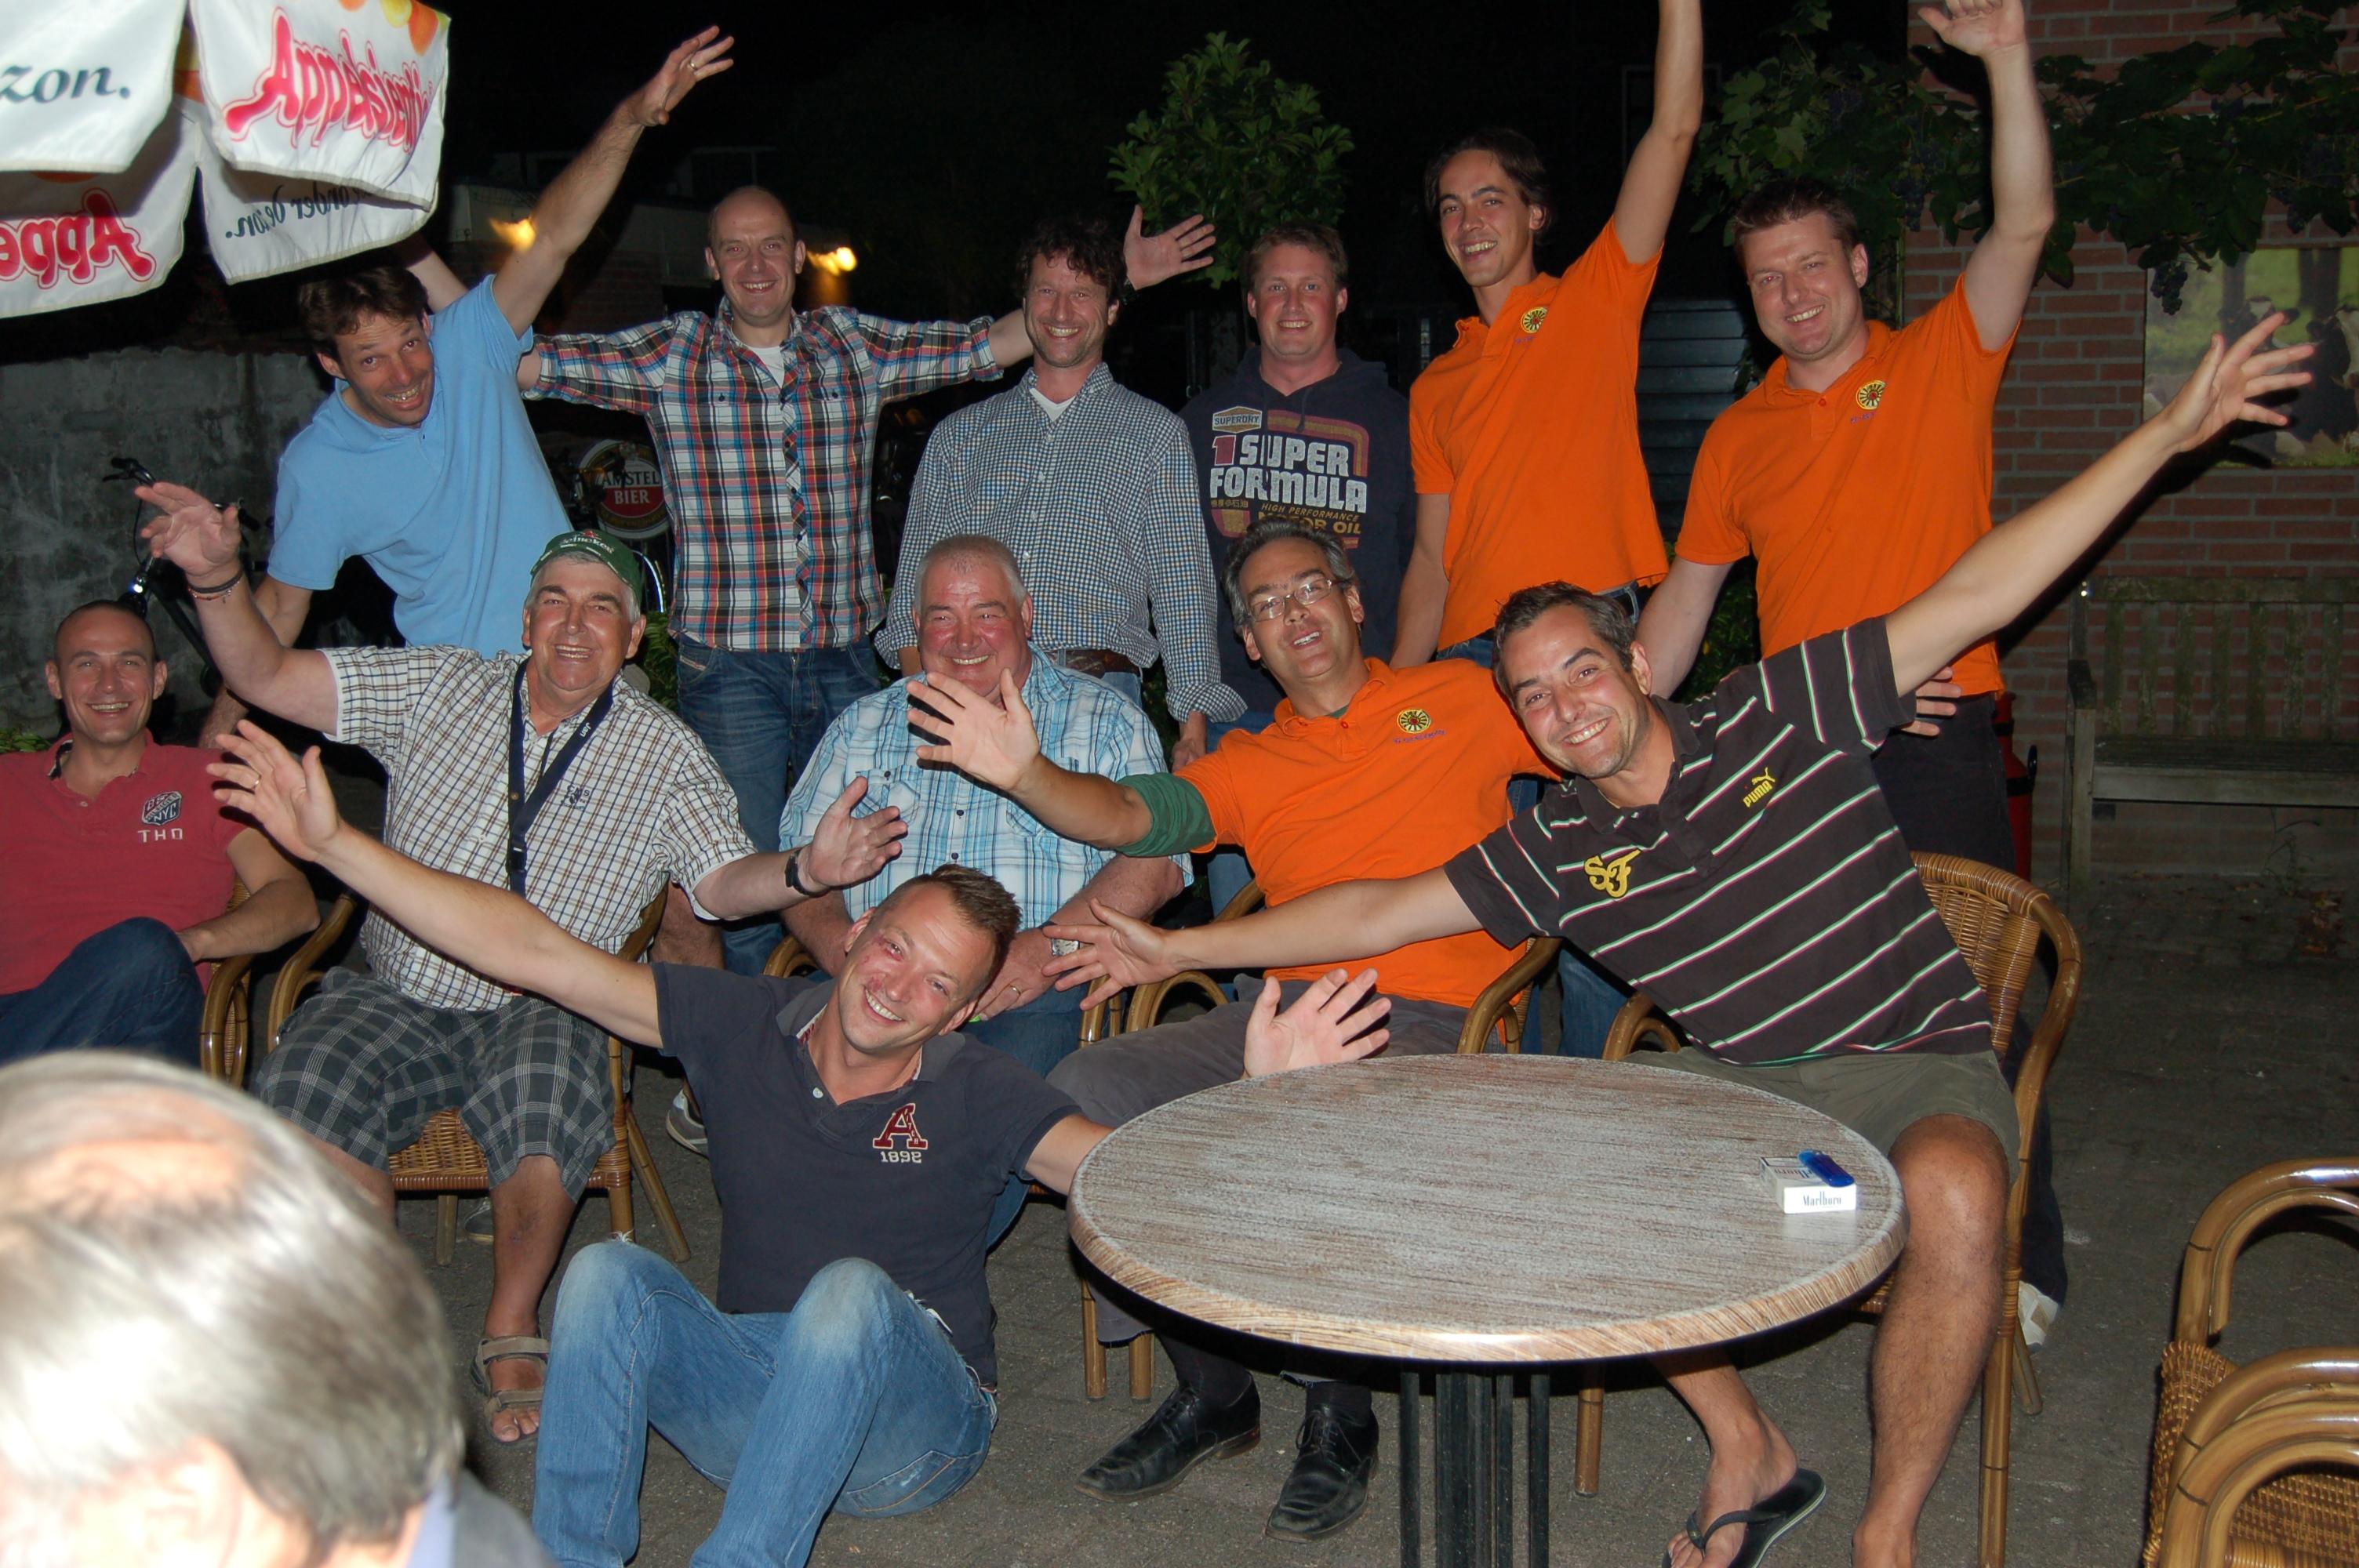 Ronde Tafel Woerden.Heren Van De Ronde Tafel Barbecue Foto S Online Weeshuis Woerden